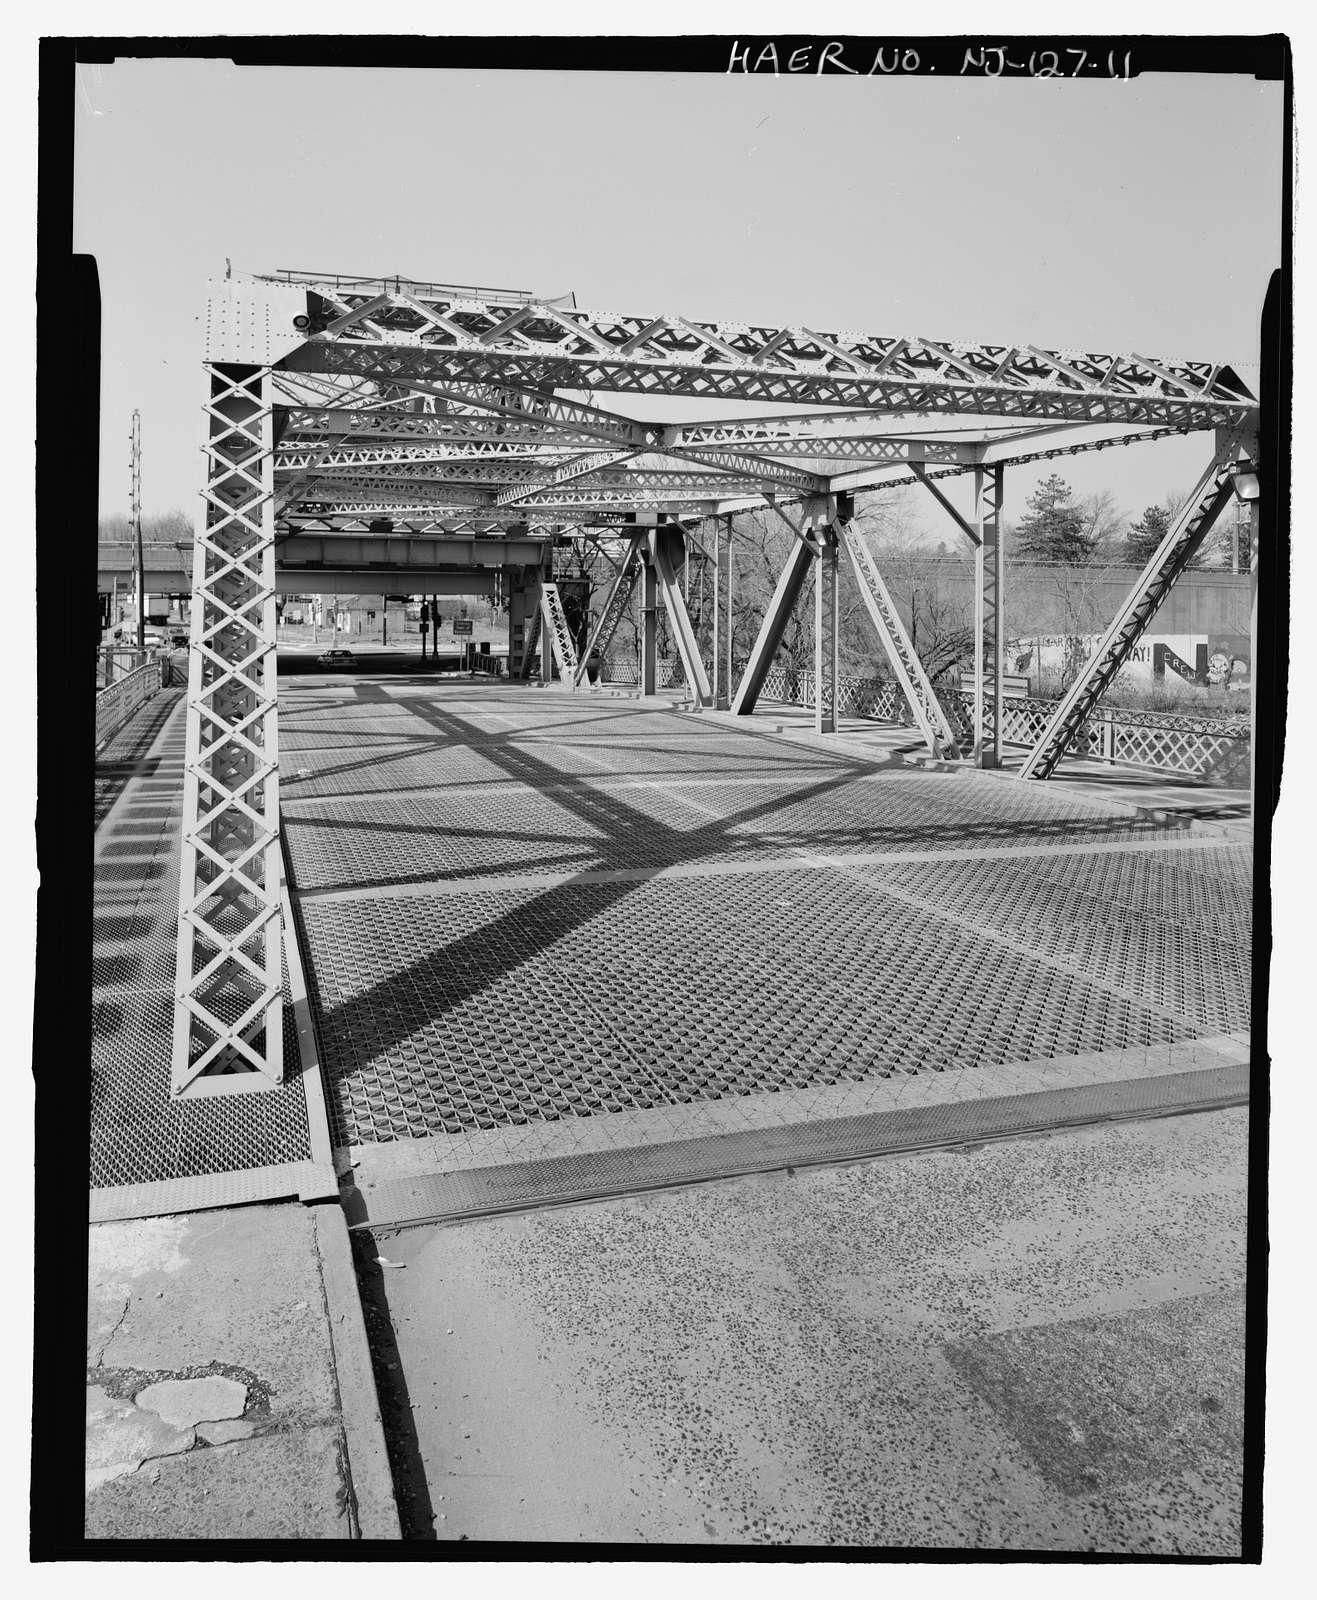 Route 7 Bridge, Route 7 (1AG) over Passaic River, Belleville, Essex County, NJ